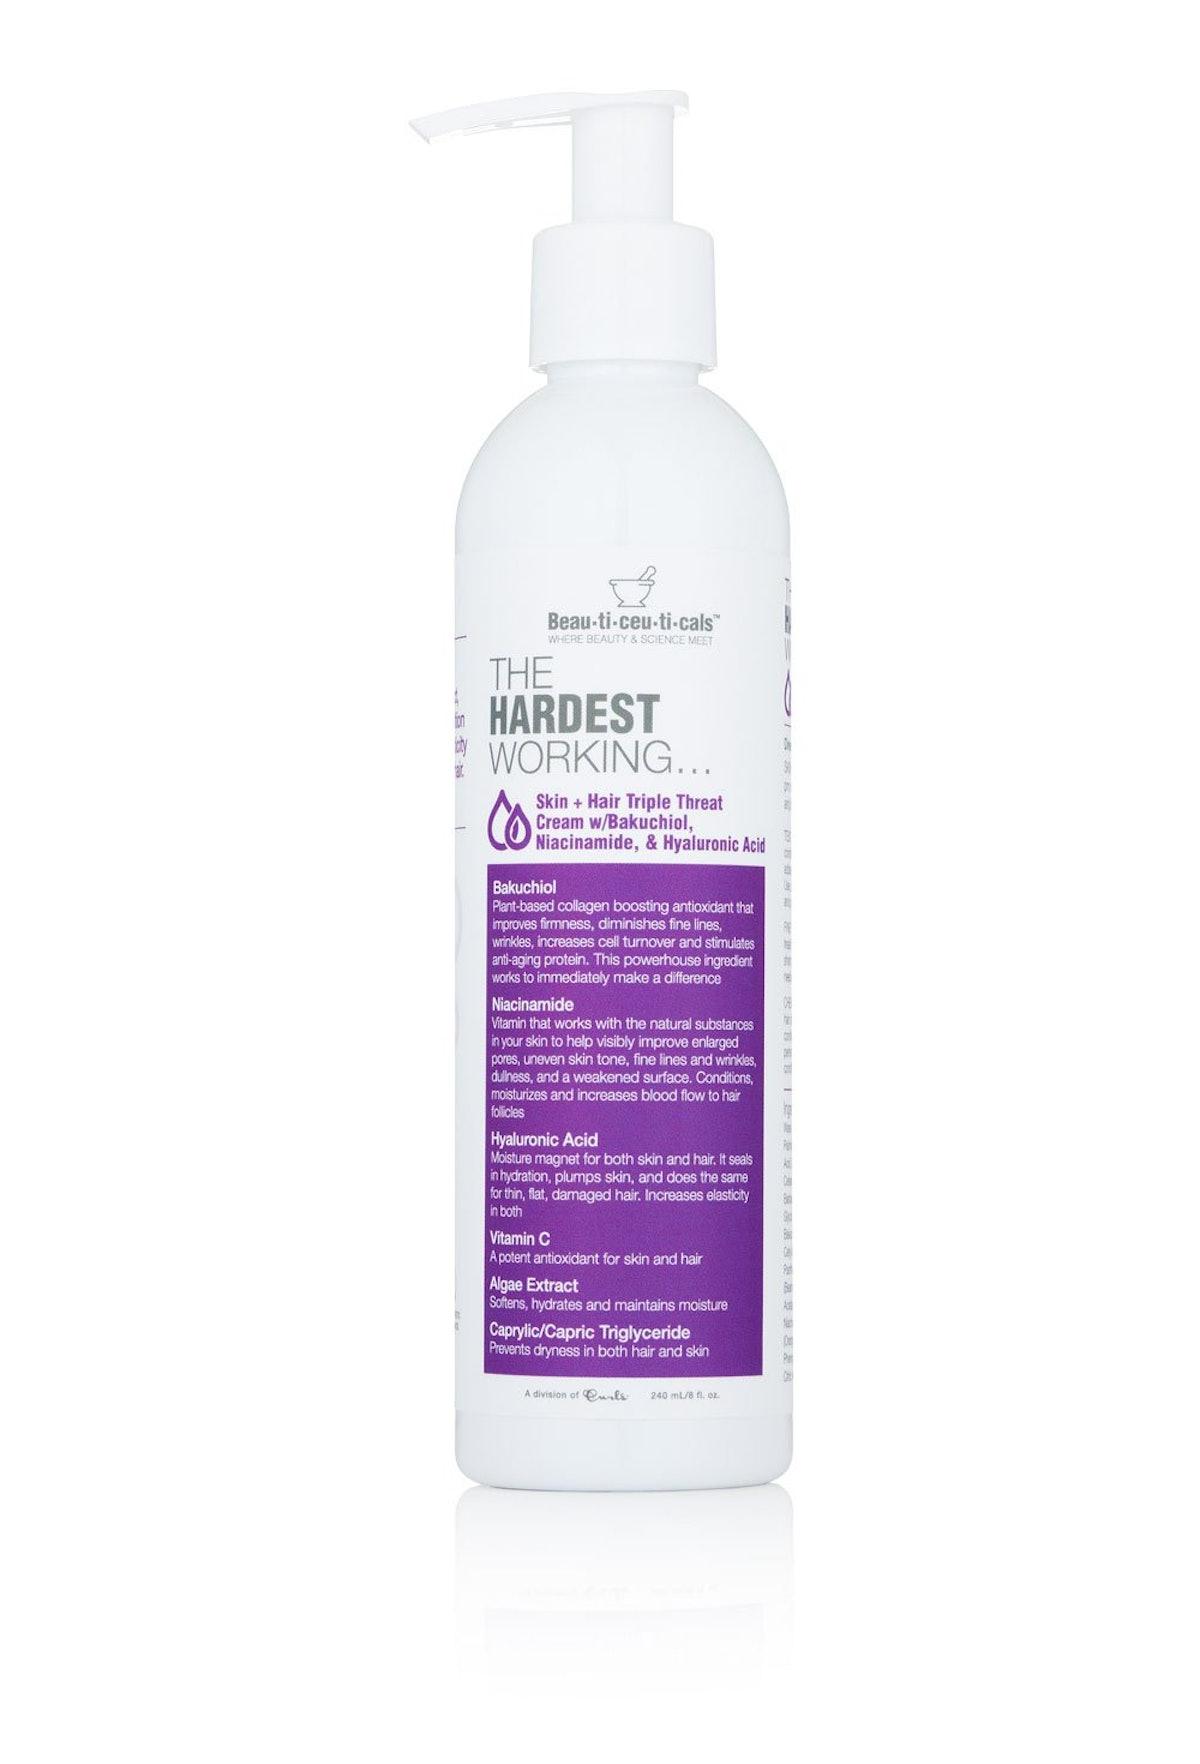 Skin + Hair Triple Threat Cream